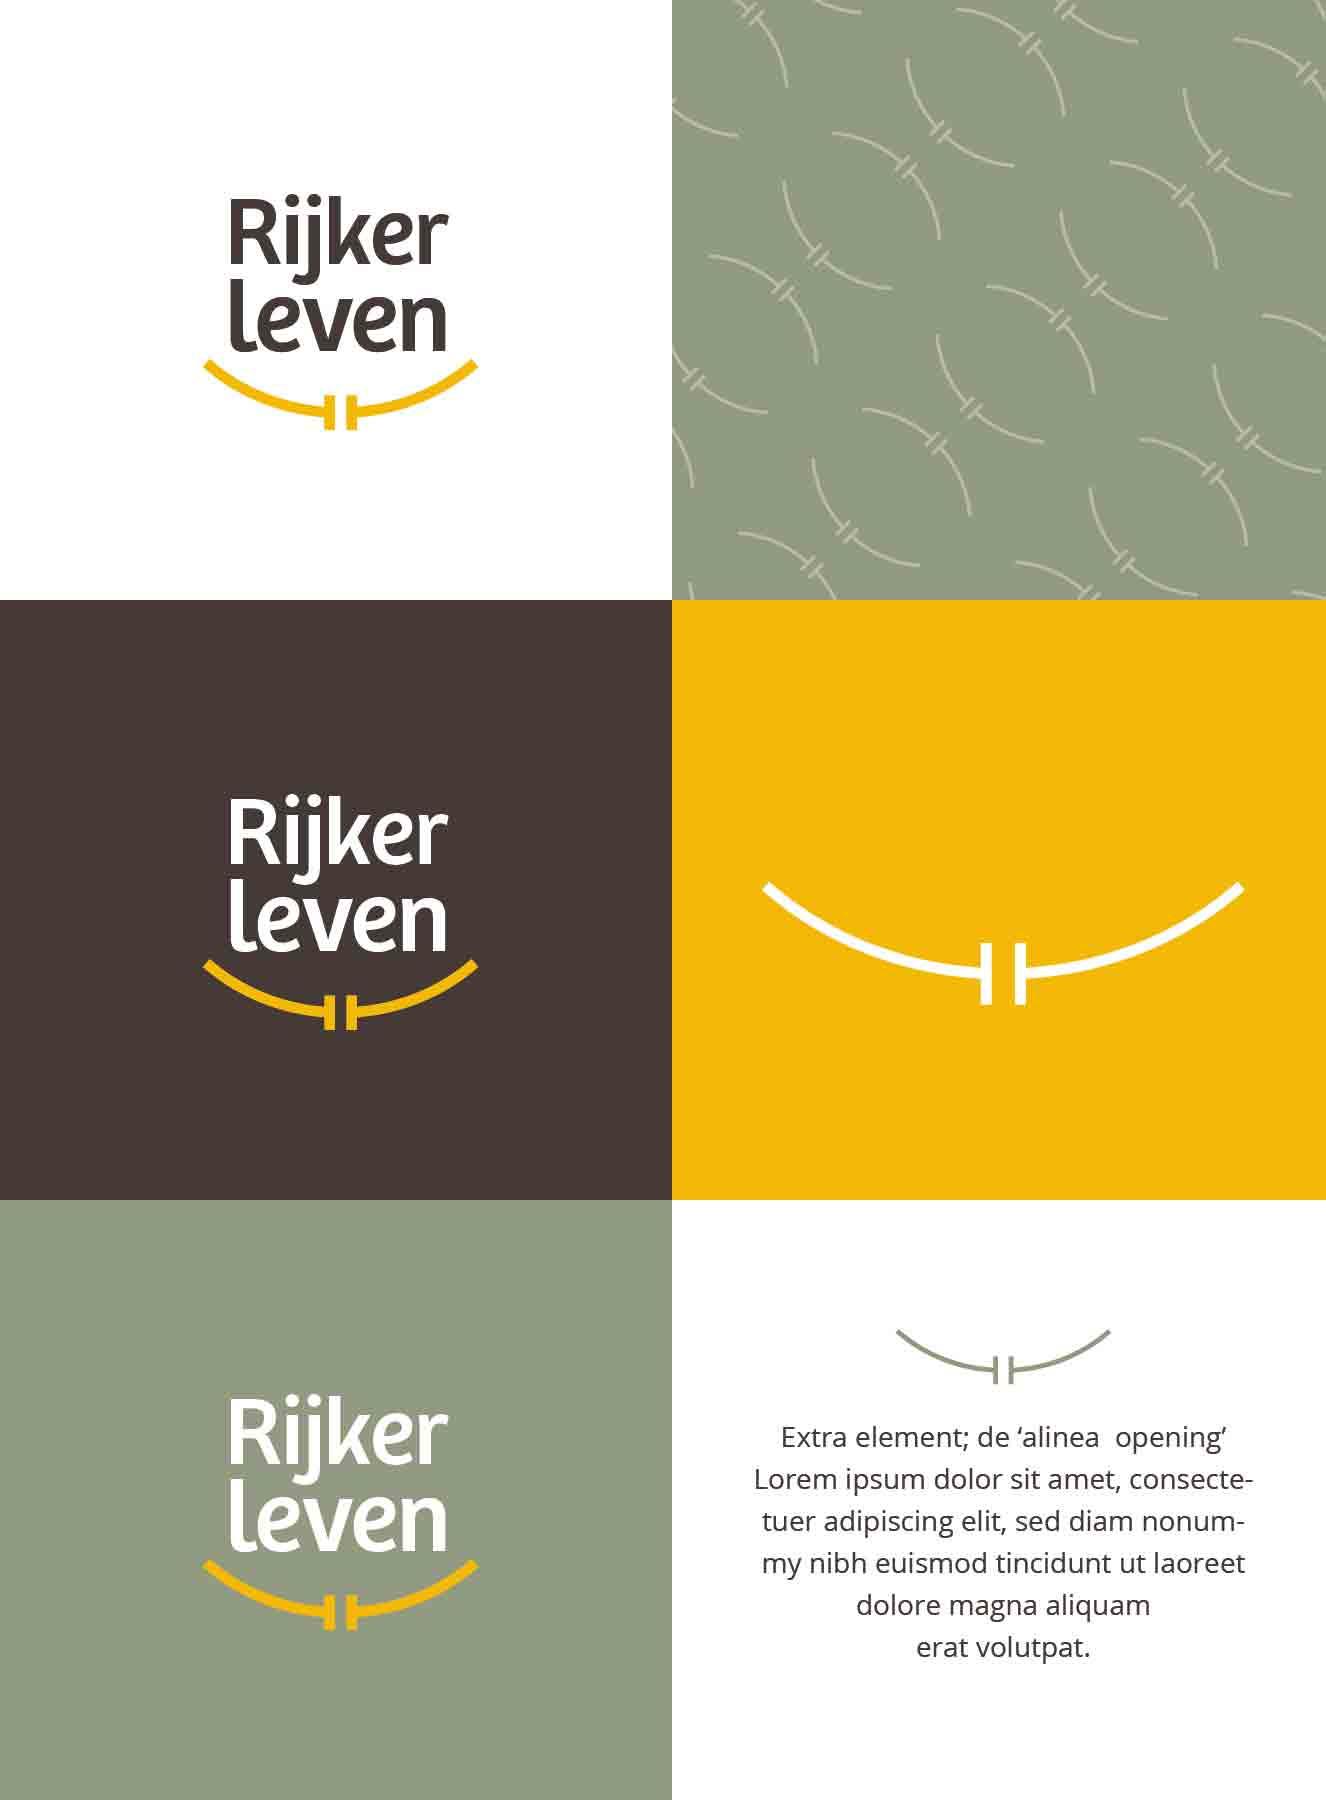 Overzicht - Rijker leven logo & huisstijl door JAgd ontwerp